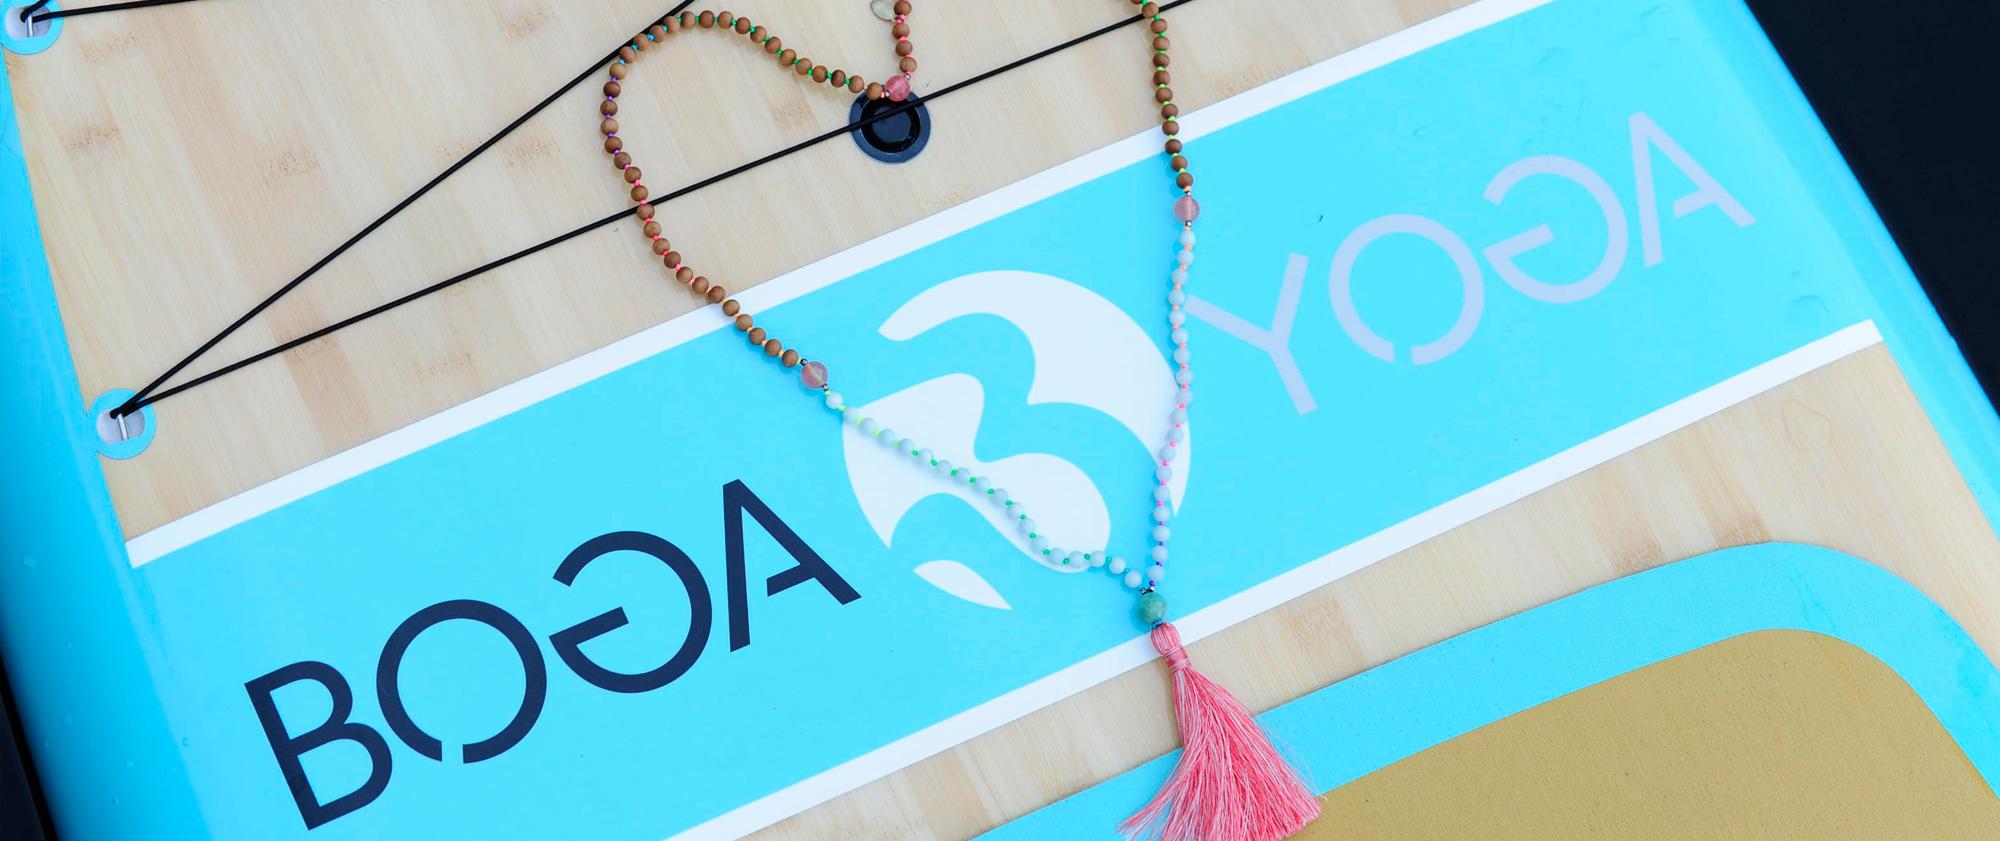 25% OFF Boga Yoga Board + Free Paddle! -